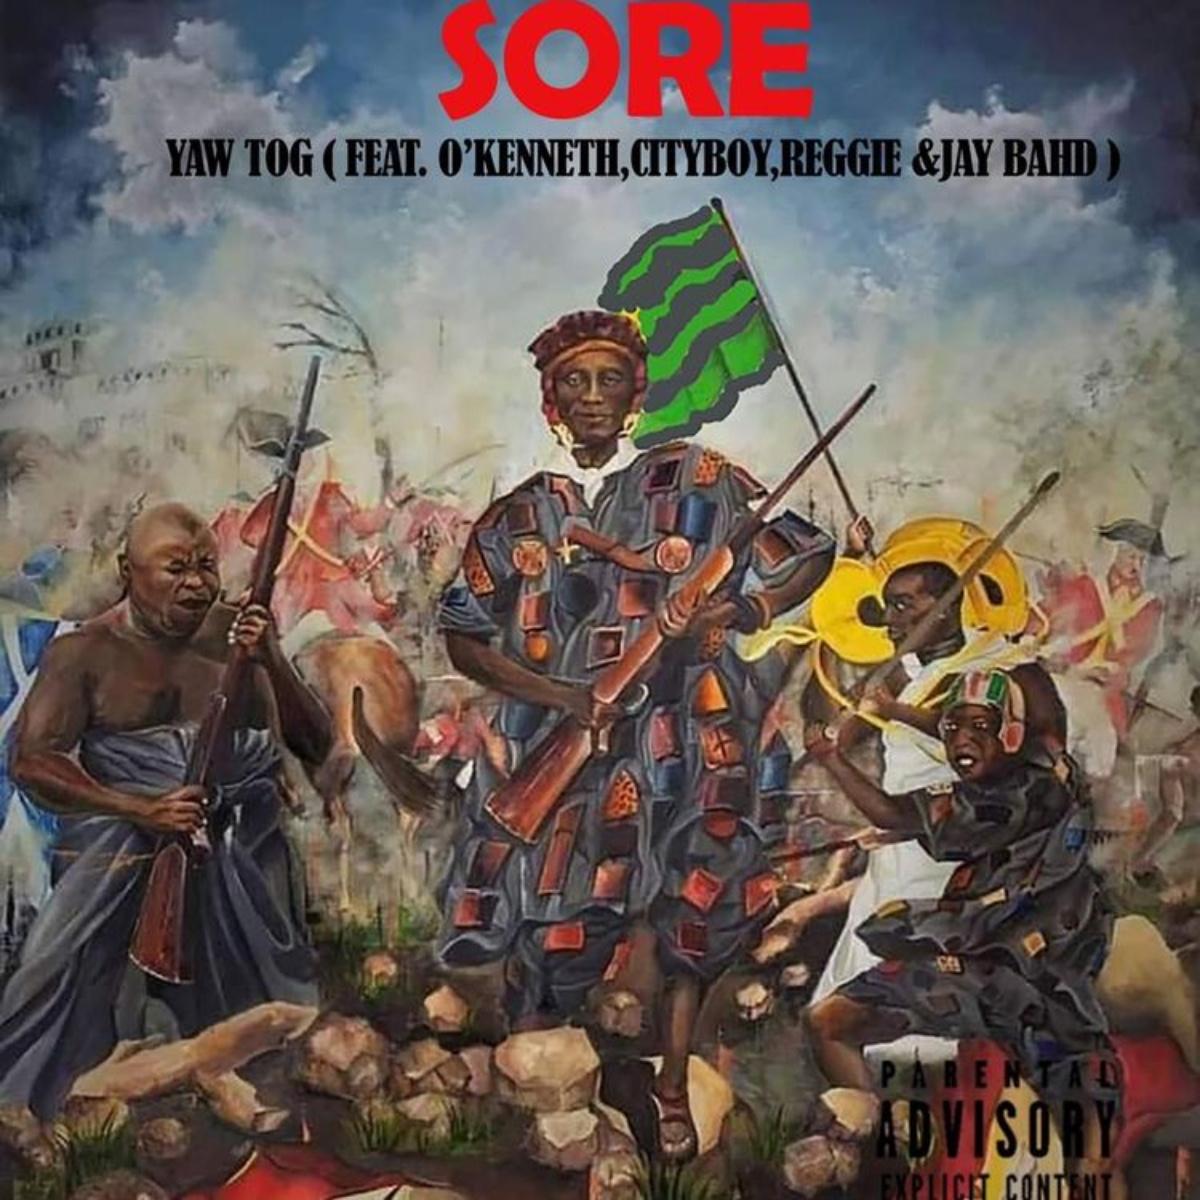 Sore by Yaw Tog feat. O'Kenneth, City Boy, Reggie & Jay Bahd